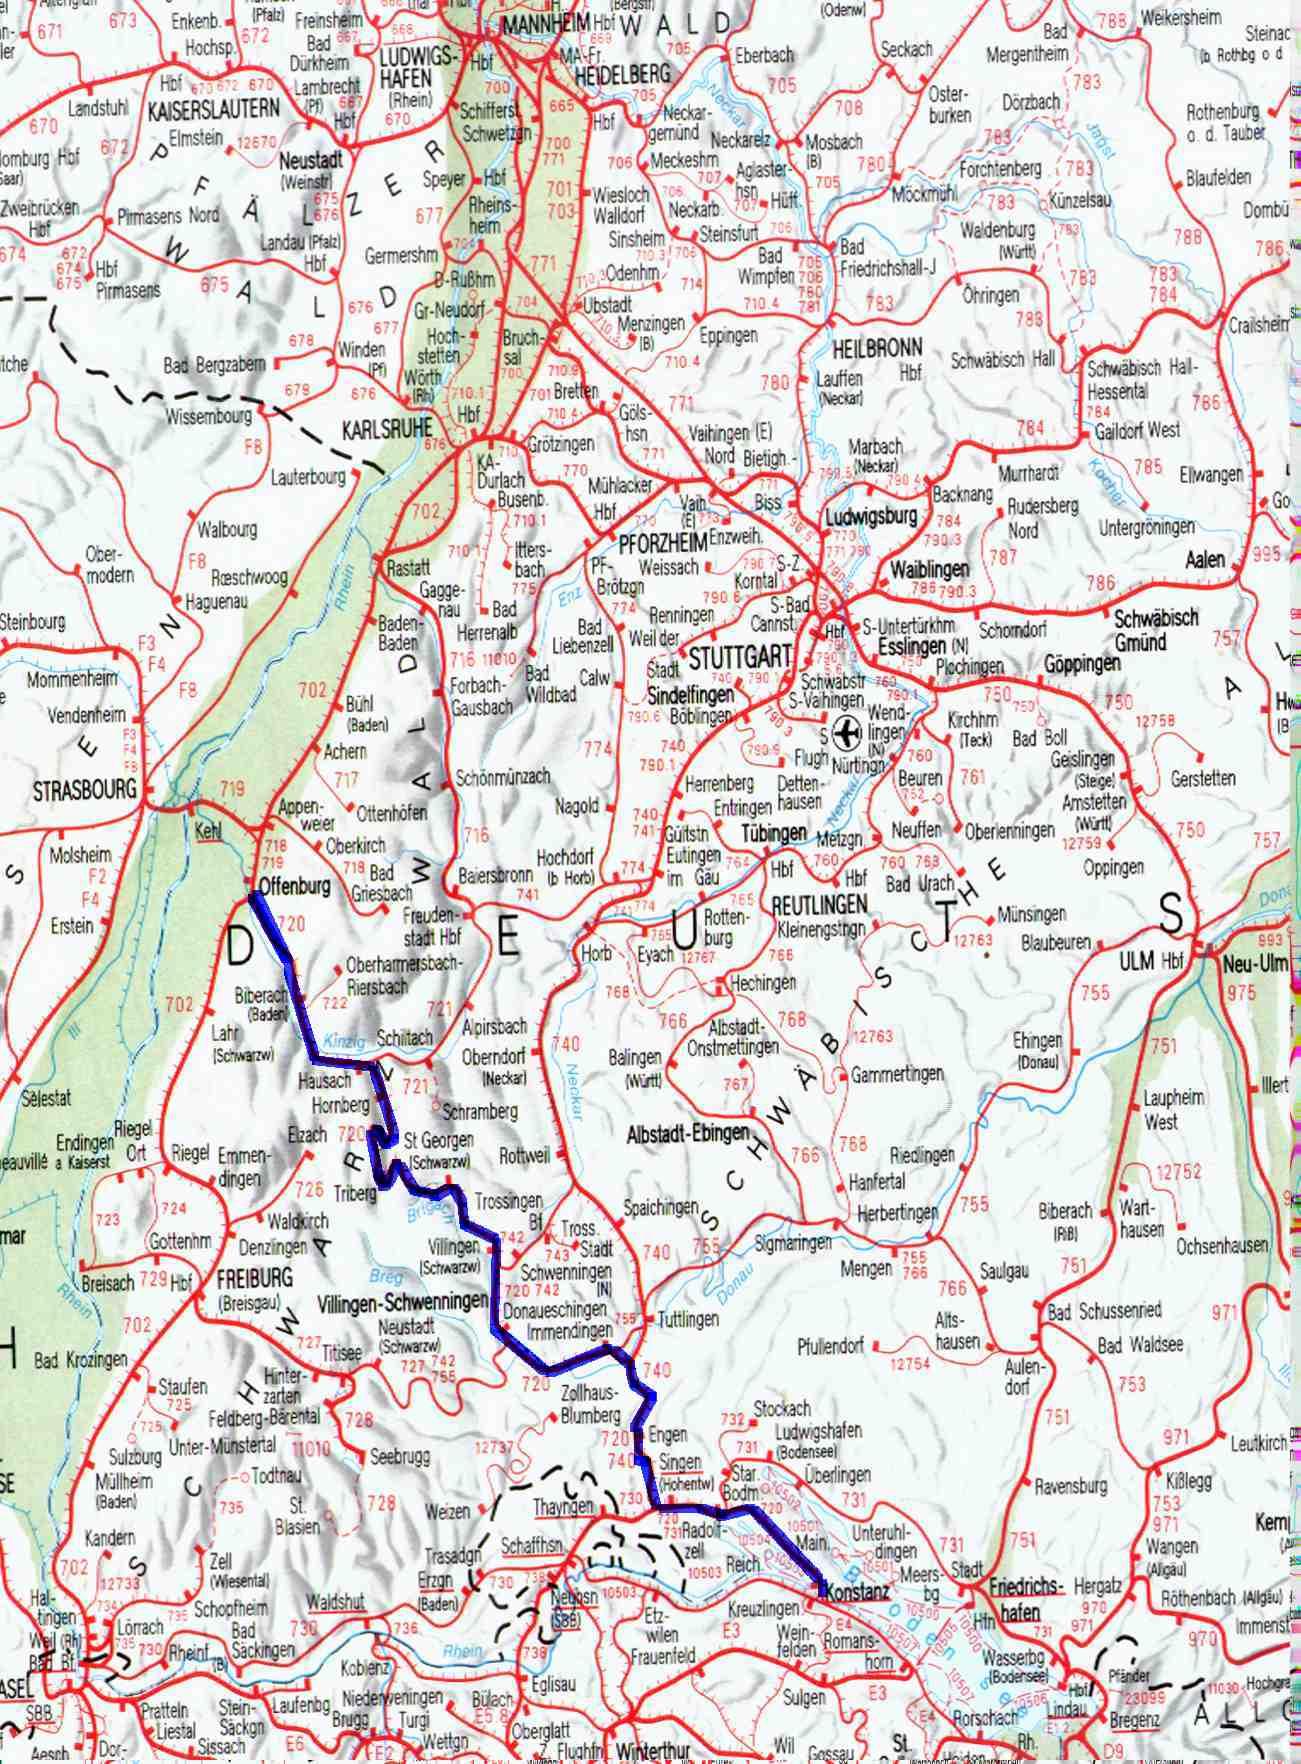 Wollmatinger Ried: williamhill 25p roulette williamhill bet Ein attraktives Ausflugsziel systemwette williamhill